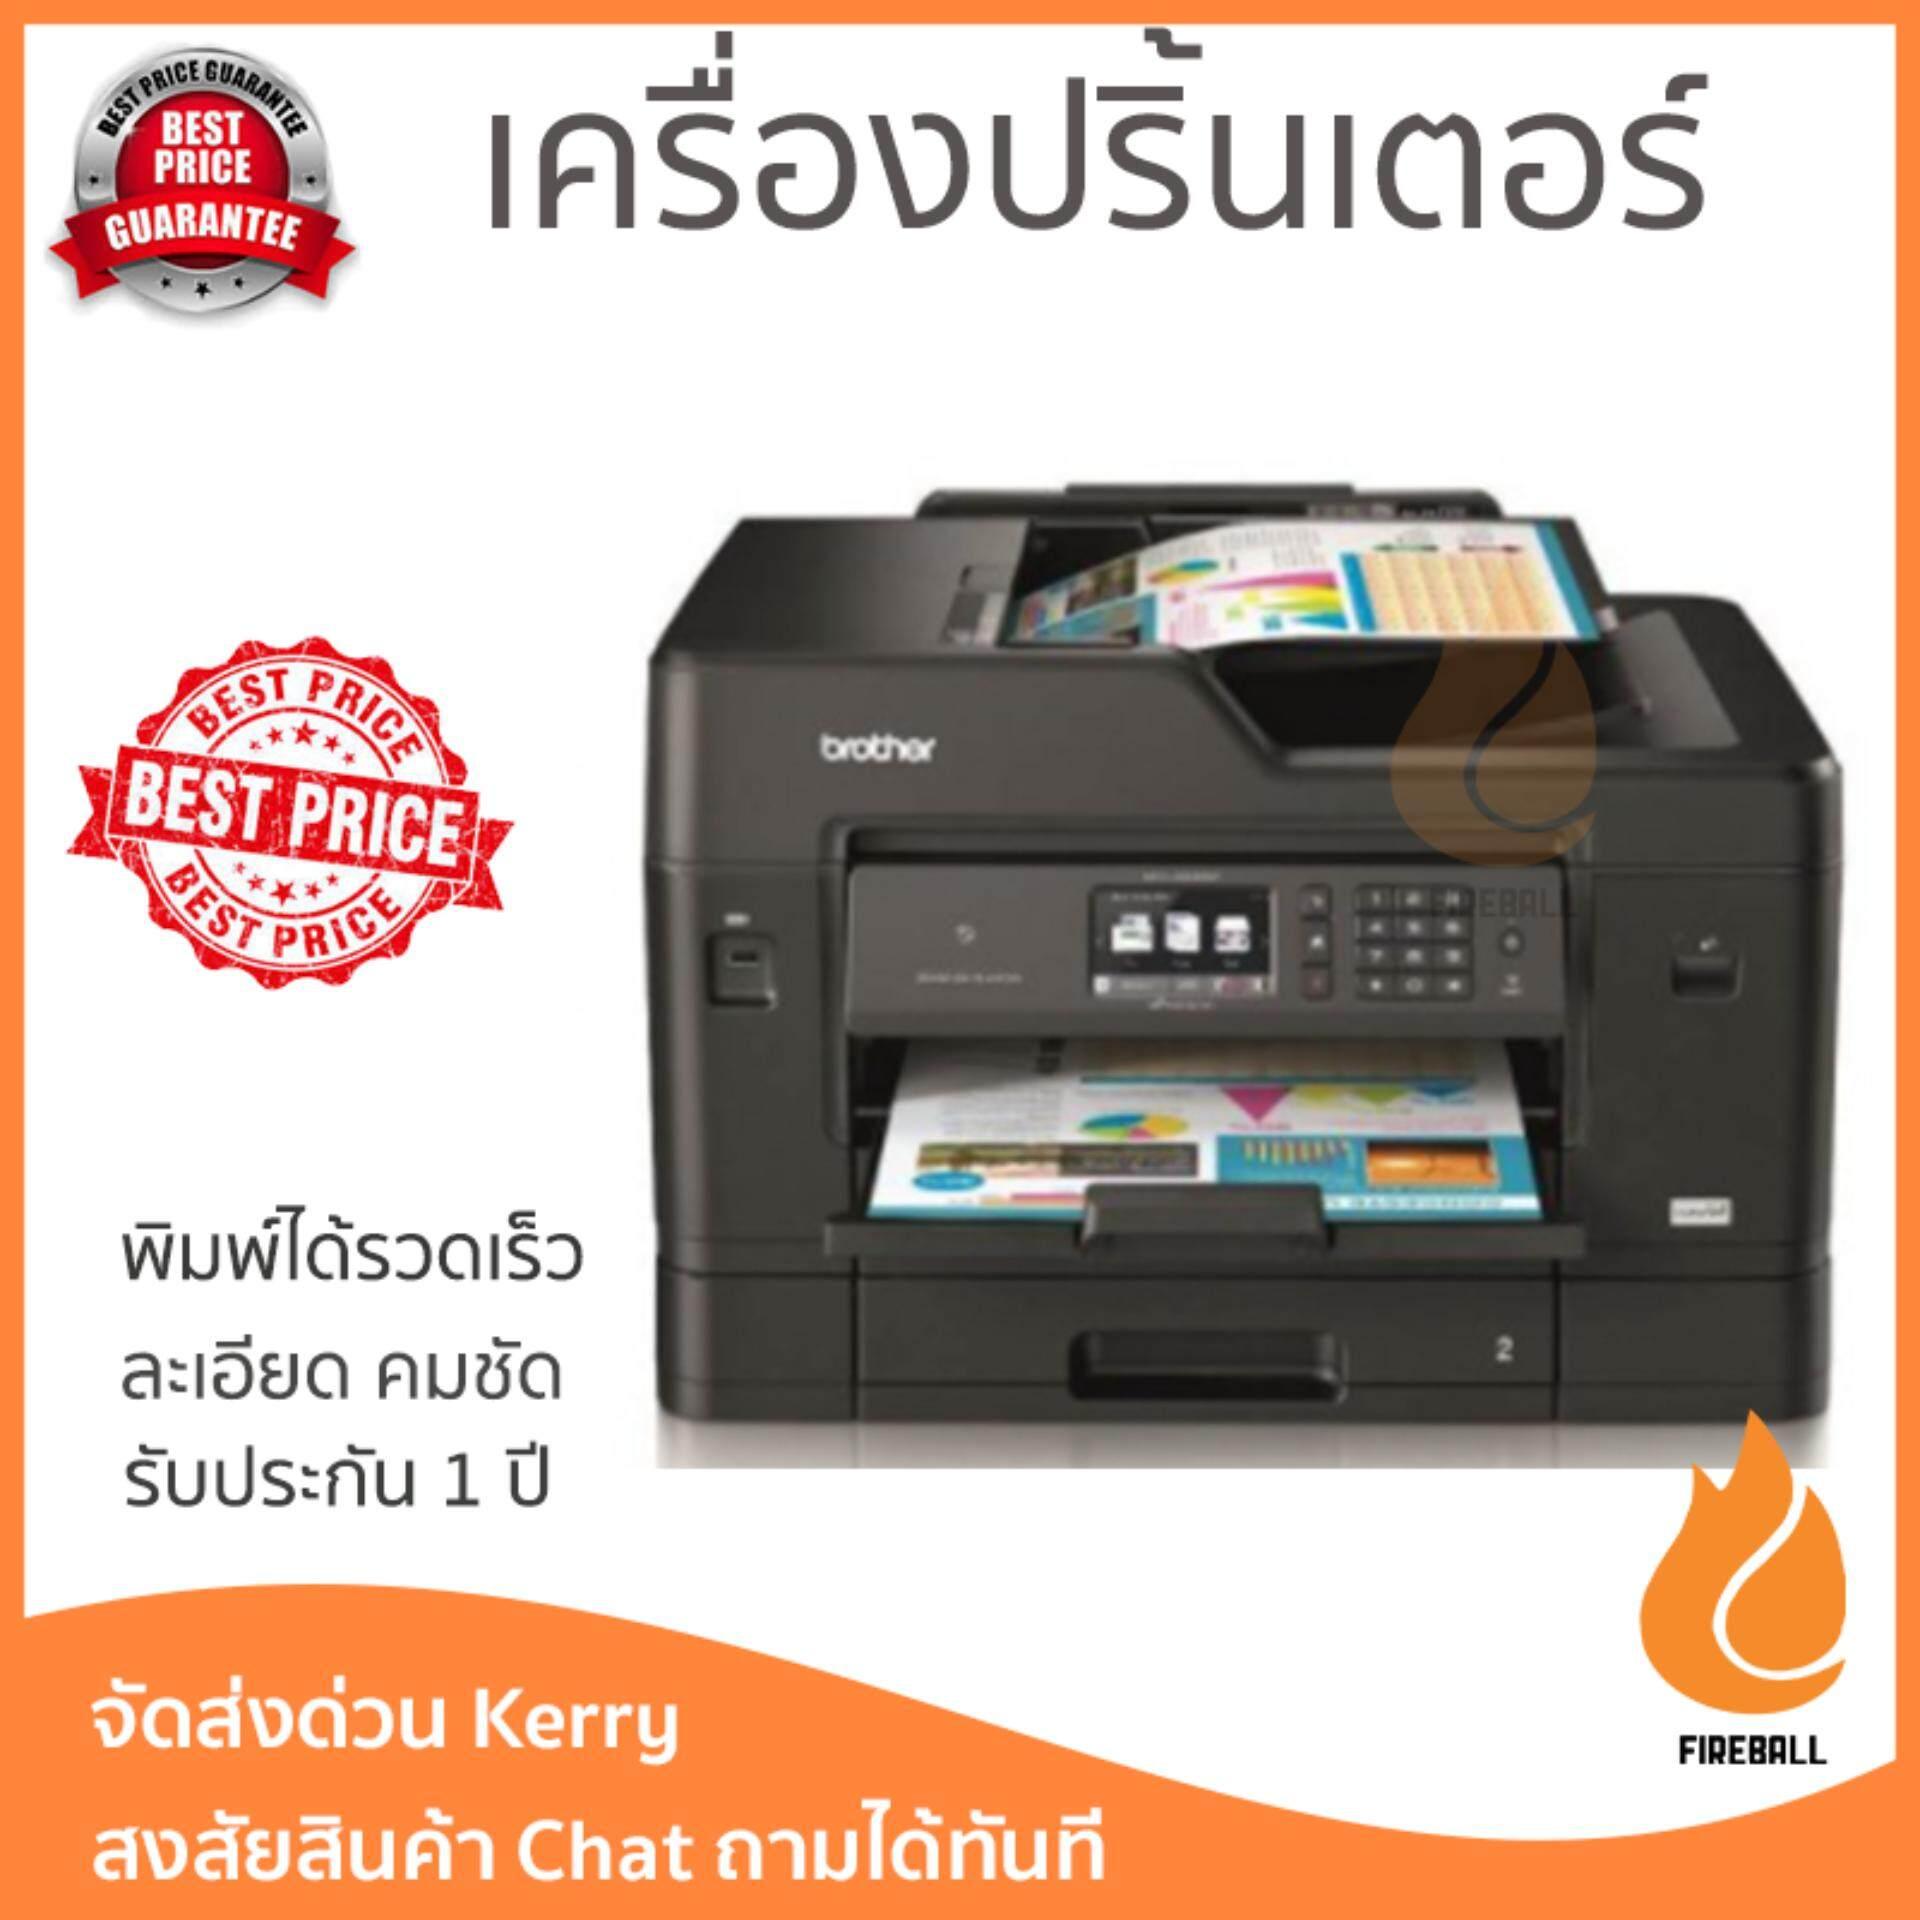 ขายดีมาก! โปรโมชัน เครื่องพิมพ์เลเซอร์           BROTHER เครื่องพิมพ์อเนกประสงค์ 6IN1 รุ่น MFC-J3930DW             ความละเอียดสูง คมชัด พิมพ์ได้รวดเร็ว เครื่องปริ้น เครื่องปริ้นท์ Laser Printer รับประ